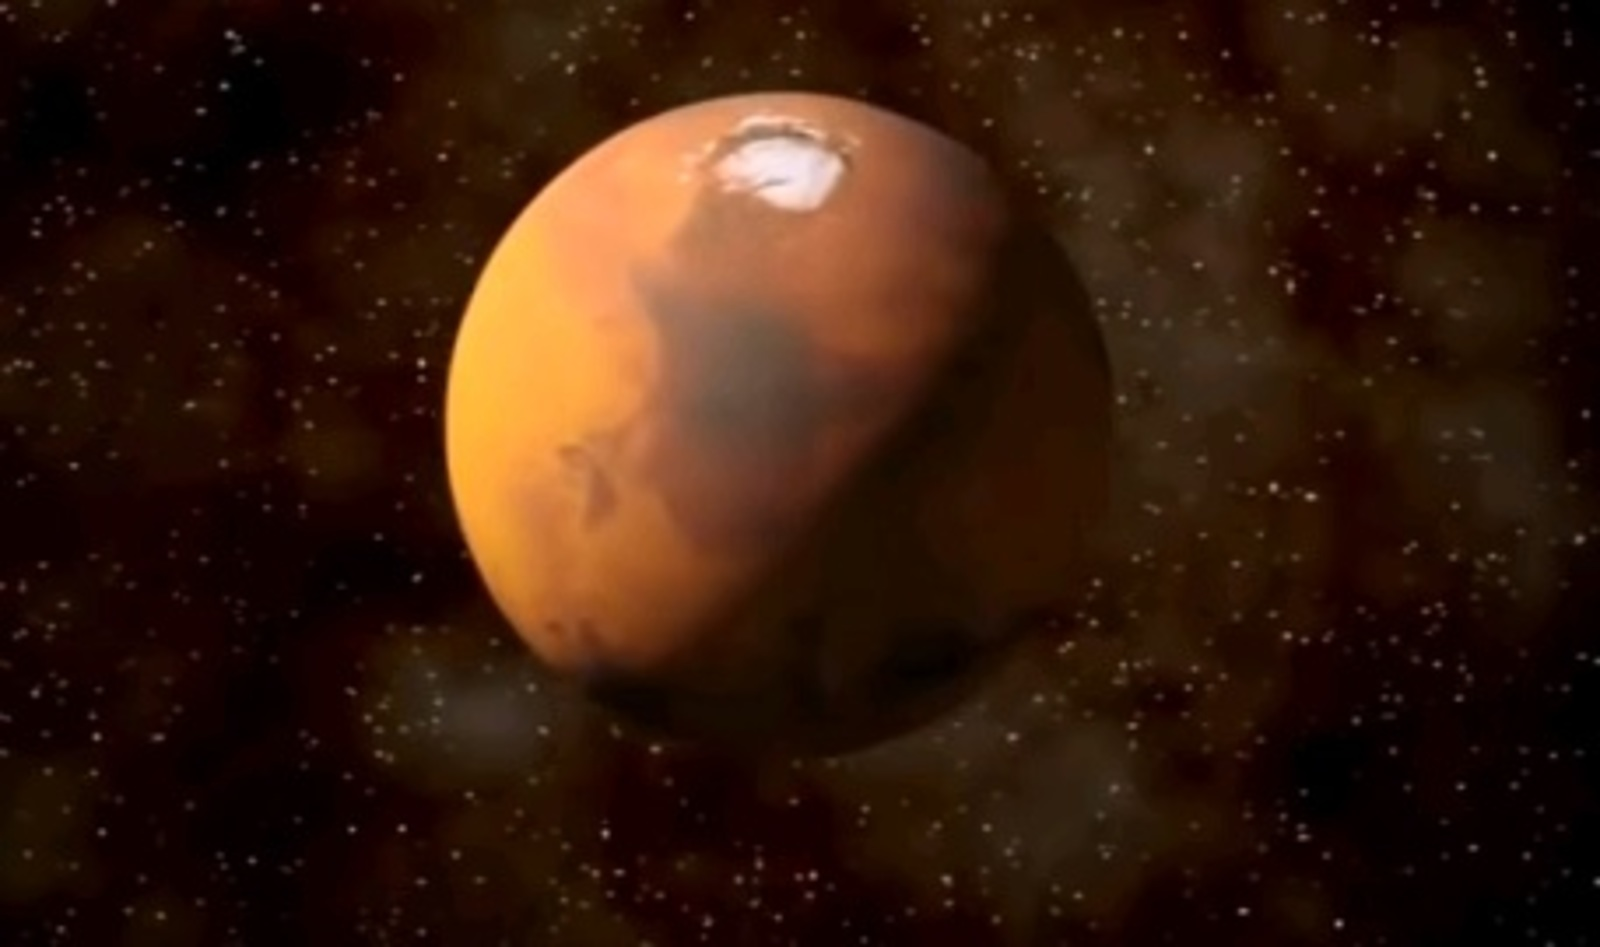 По мнению ученого, его разработка может помочь обнаружить внеземную жизнь на других планетах